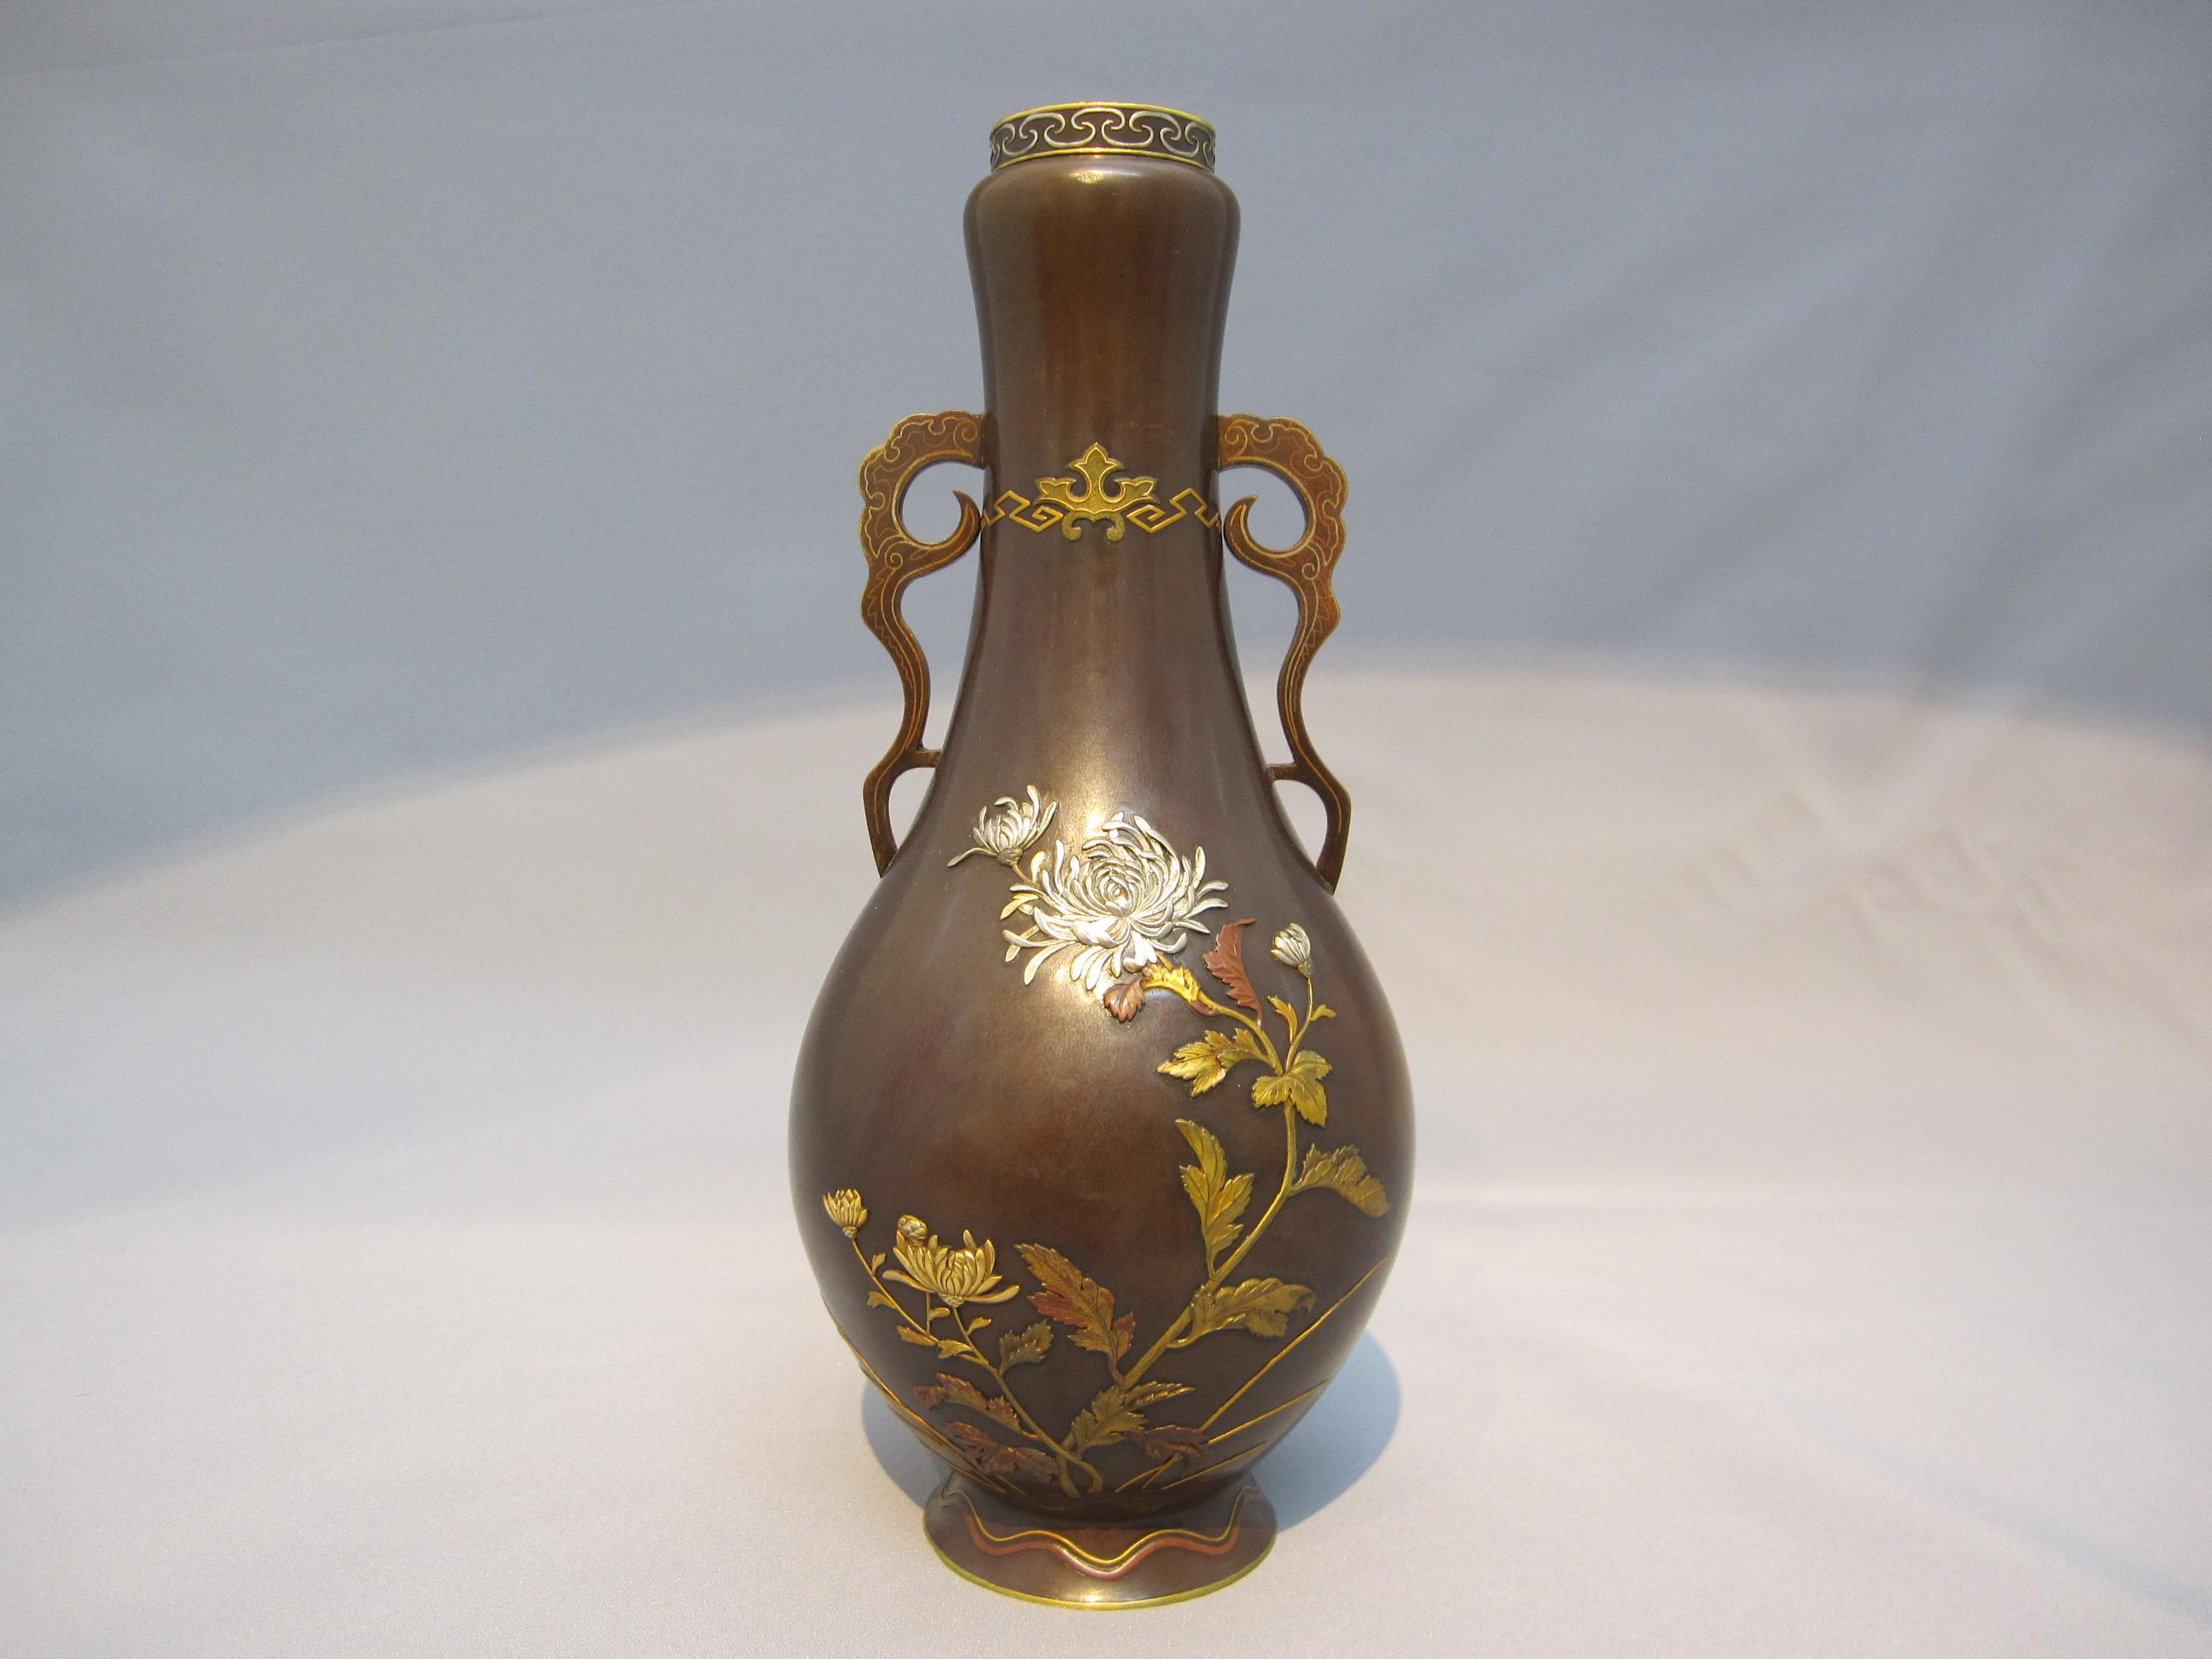 鈴木長吉 菊花図花瓶